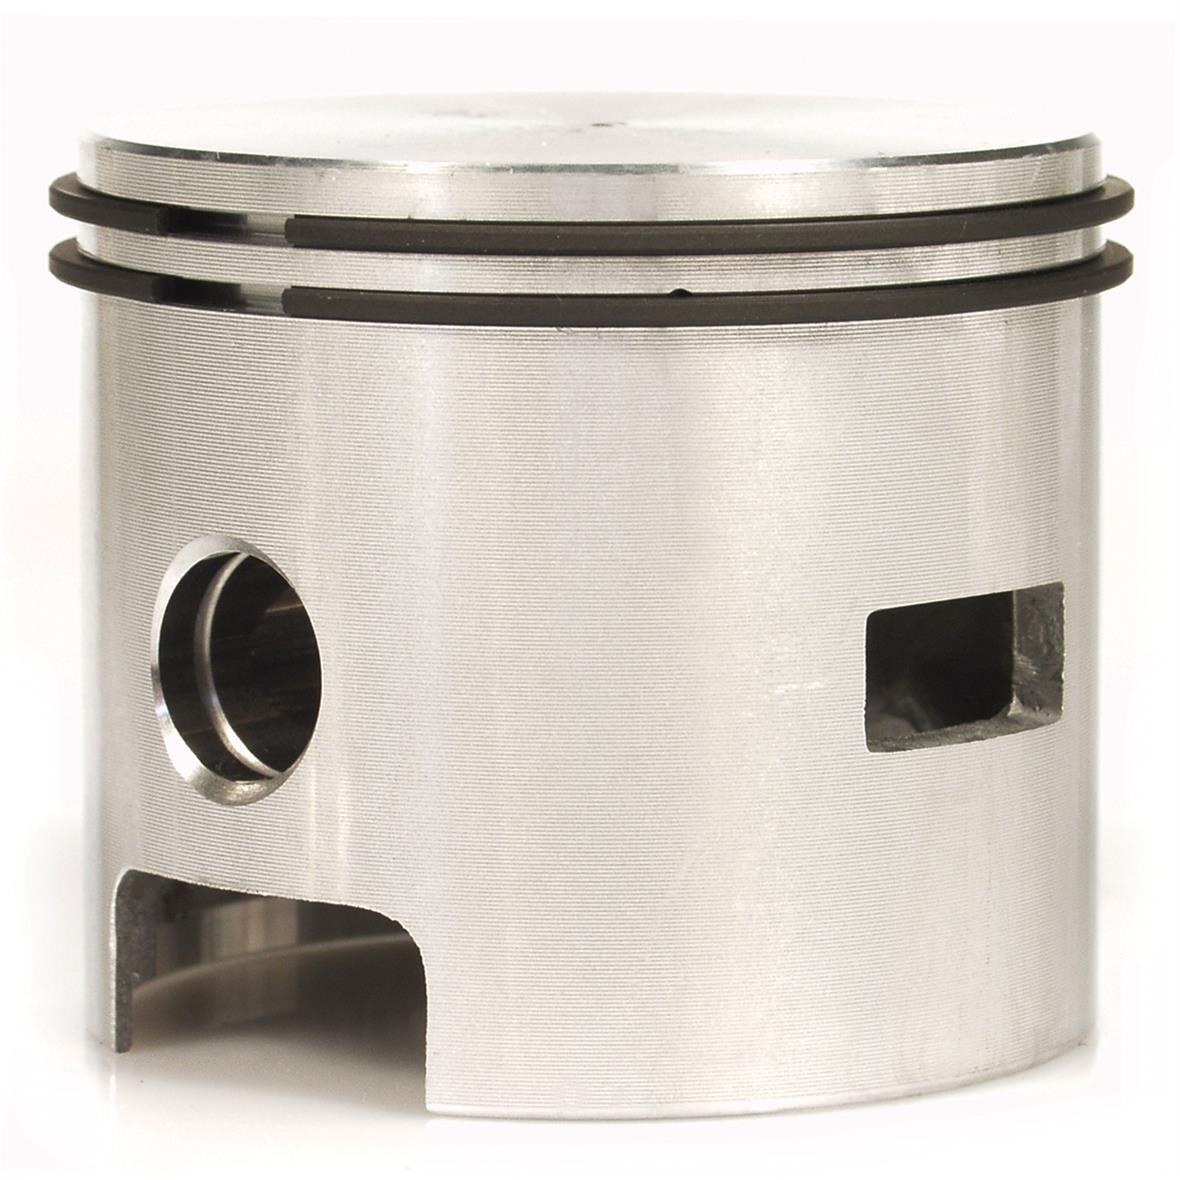 Produktbild für 'Kolben PINASCO C 102 ccm'